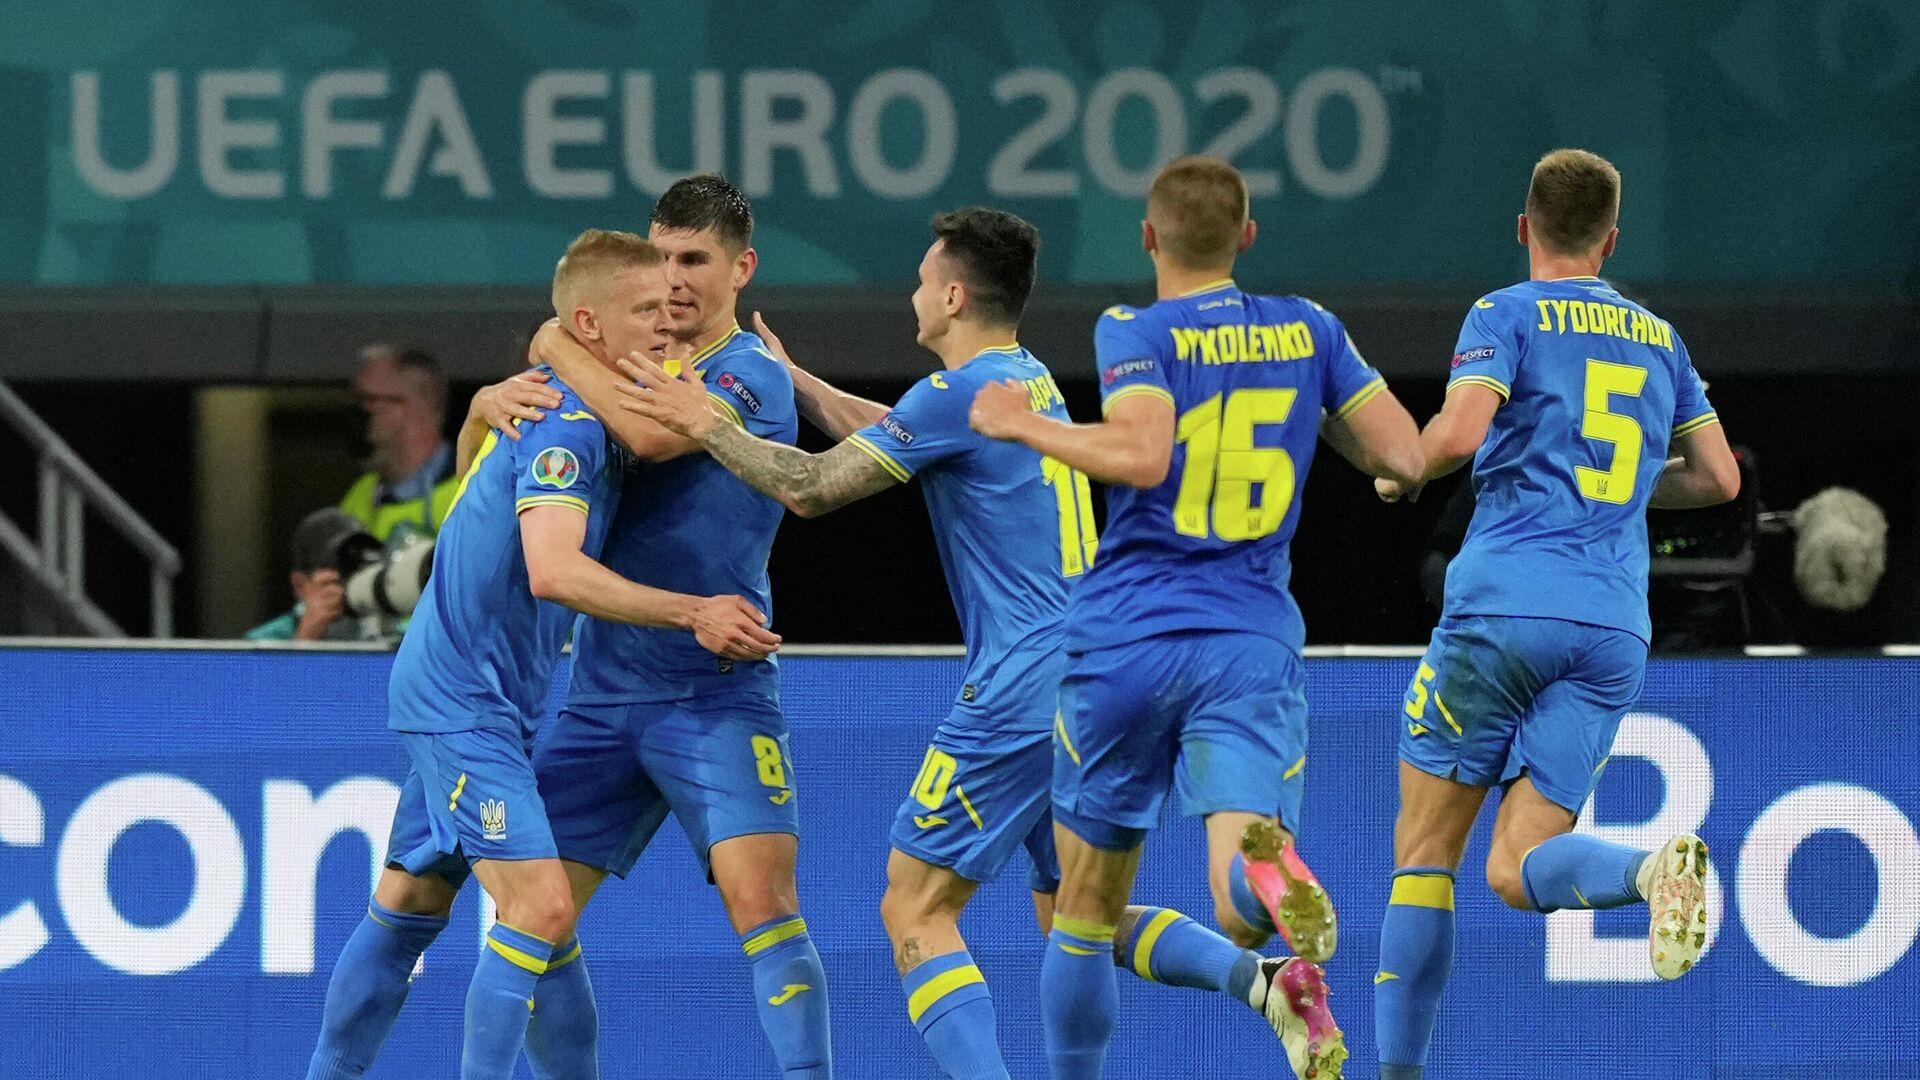 Футболисты сборной Украины радуются голу - РИА Новости, 1920, 14.06.2021